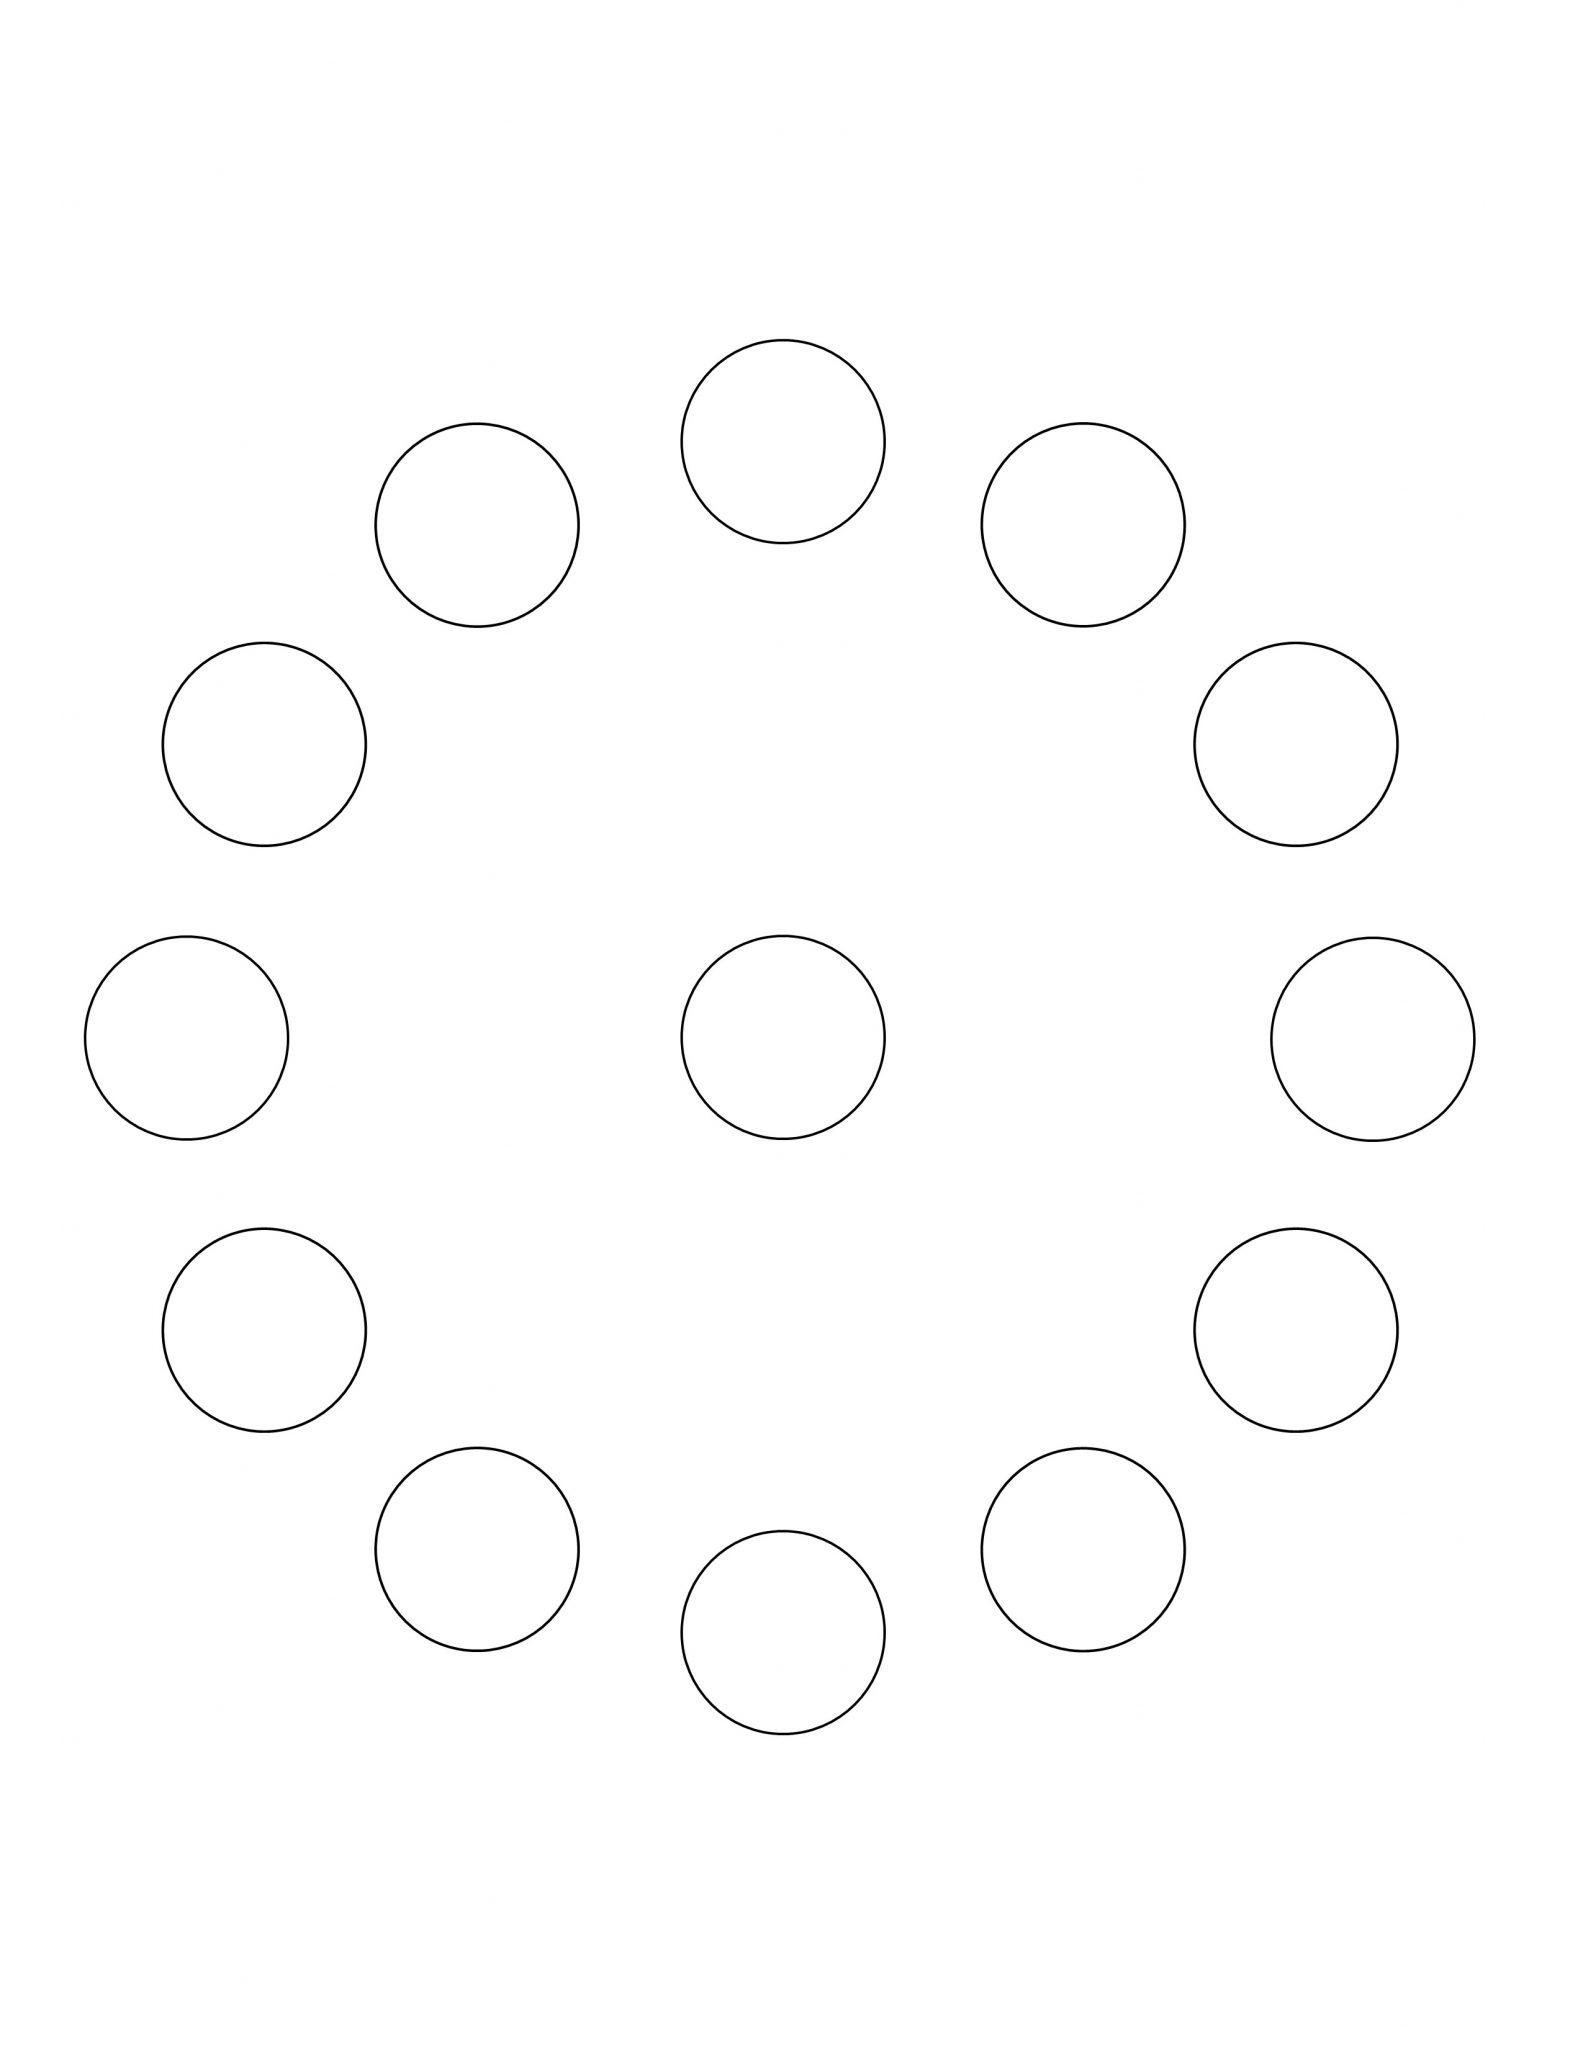 All Seasons - Coloring Page - Circle of Circles